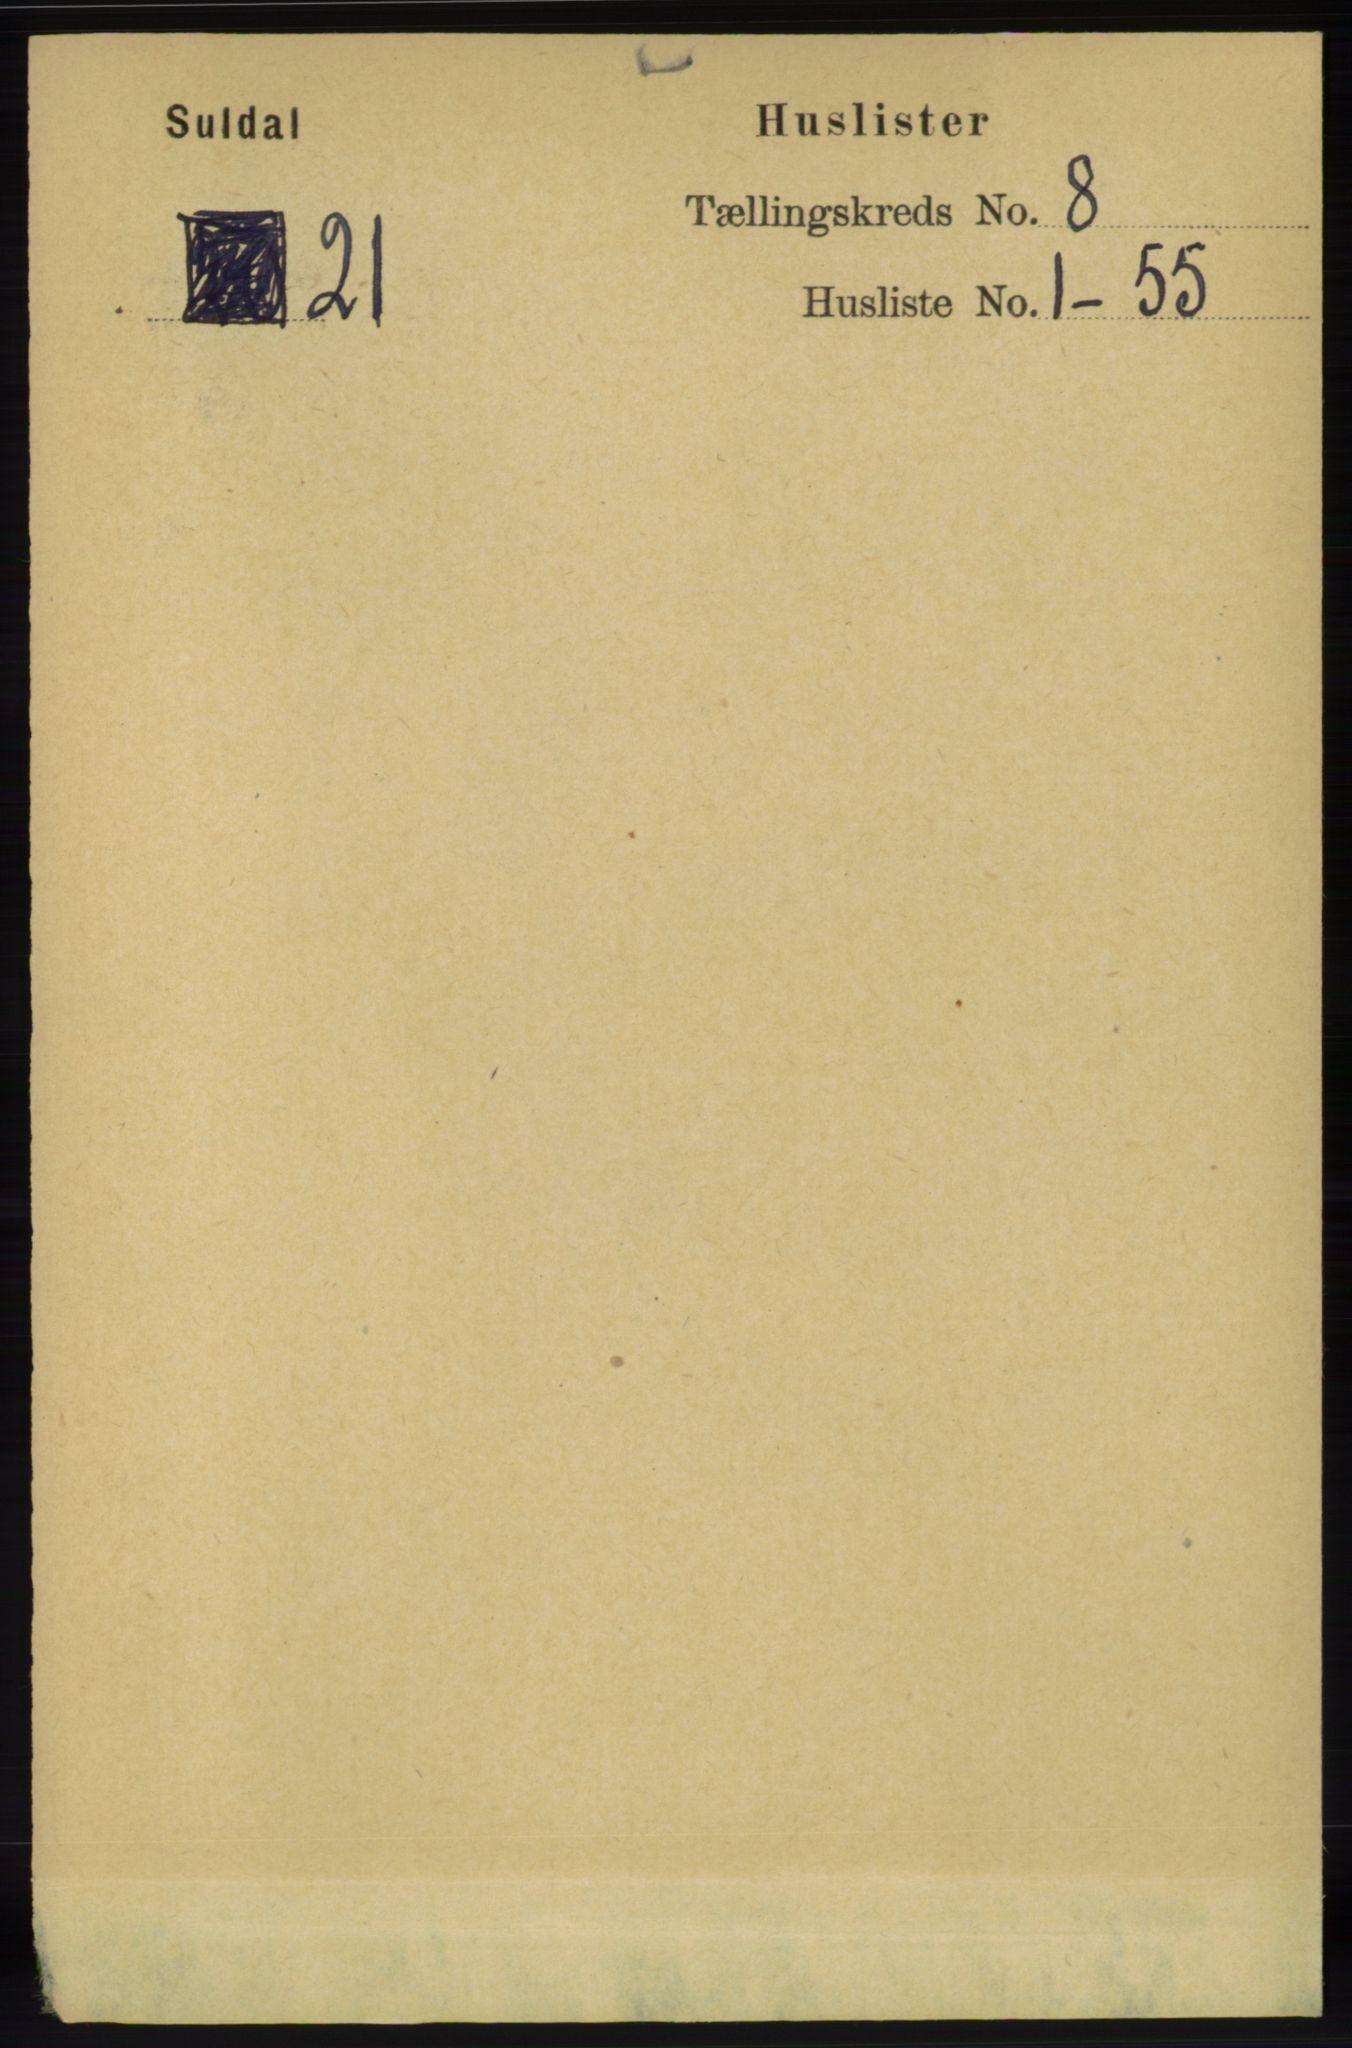 RA, Folketelling 1891 for 1134 Suldal herred, 1891, s. 2237